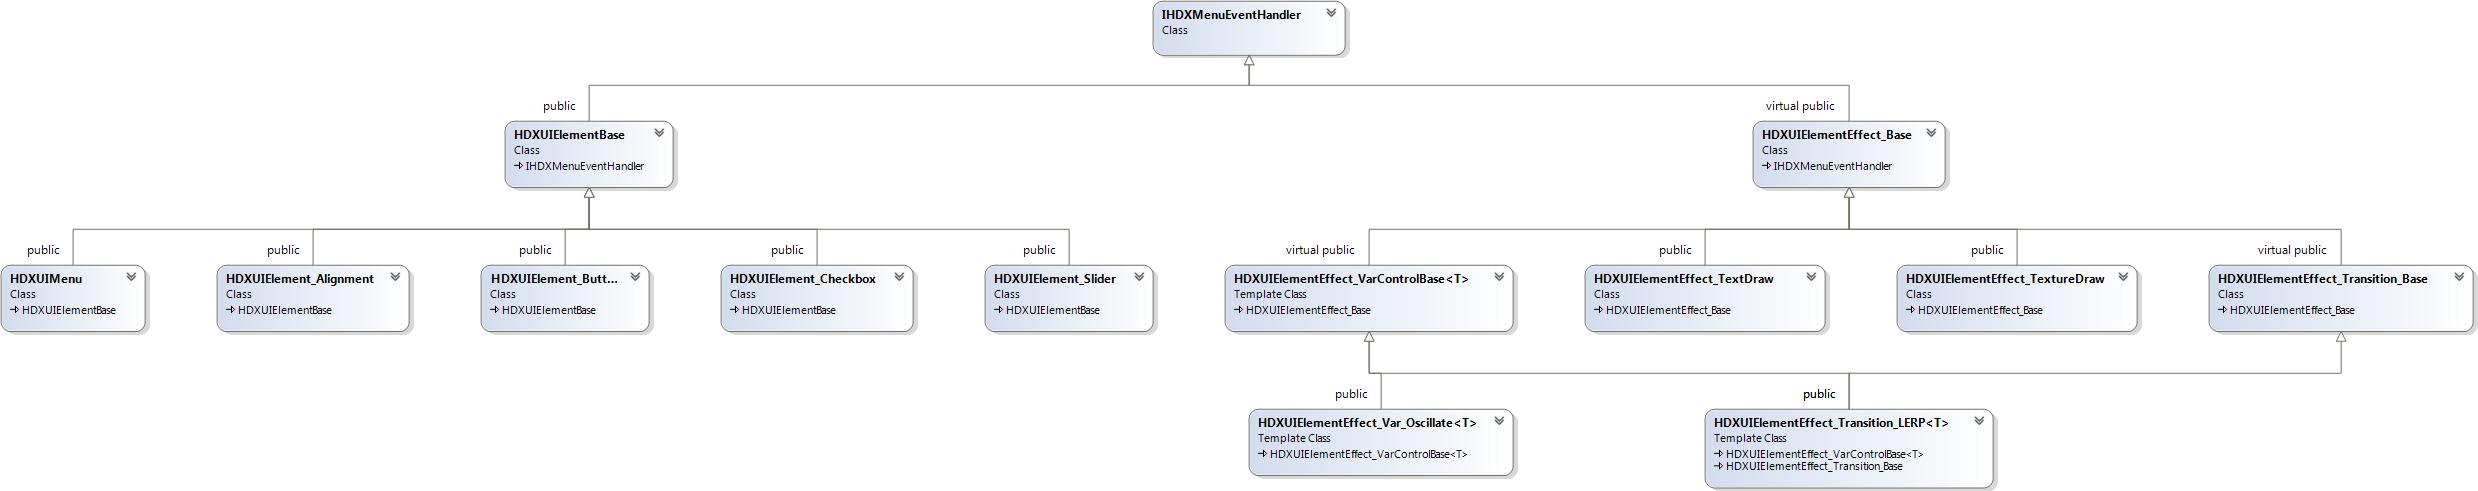 hdx_gui_classdiagram